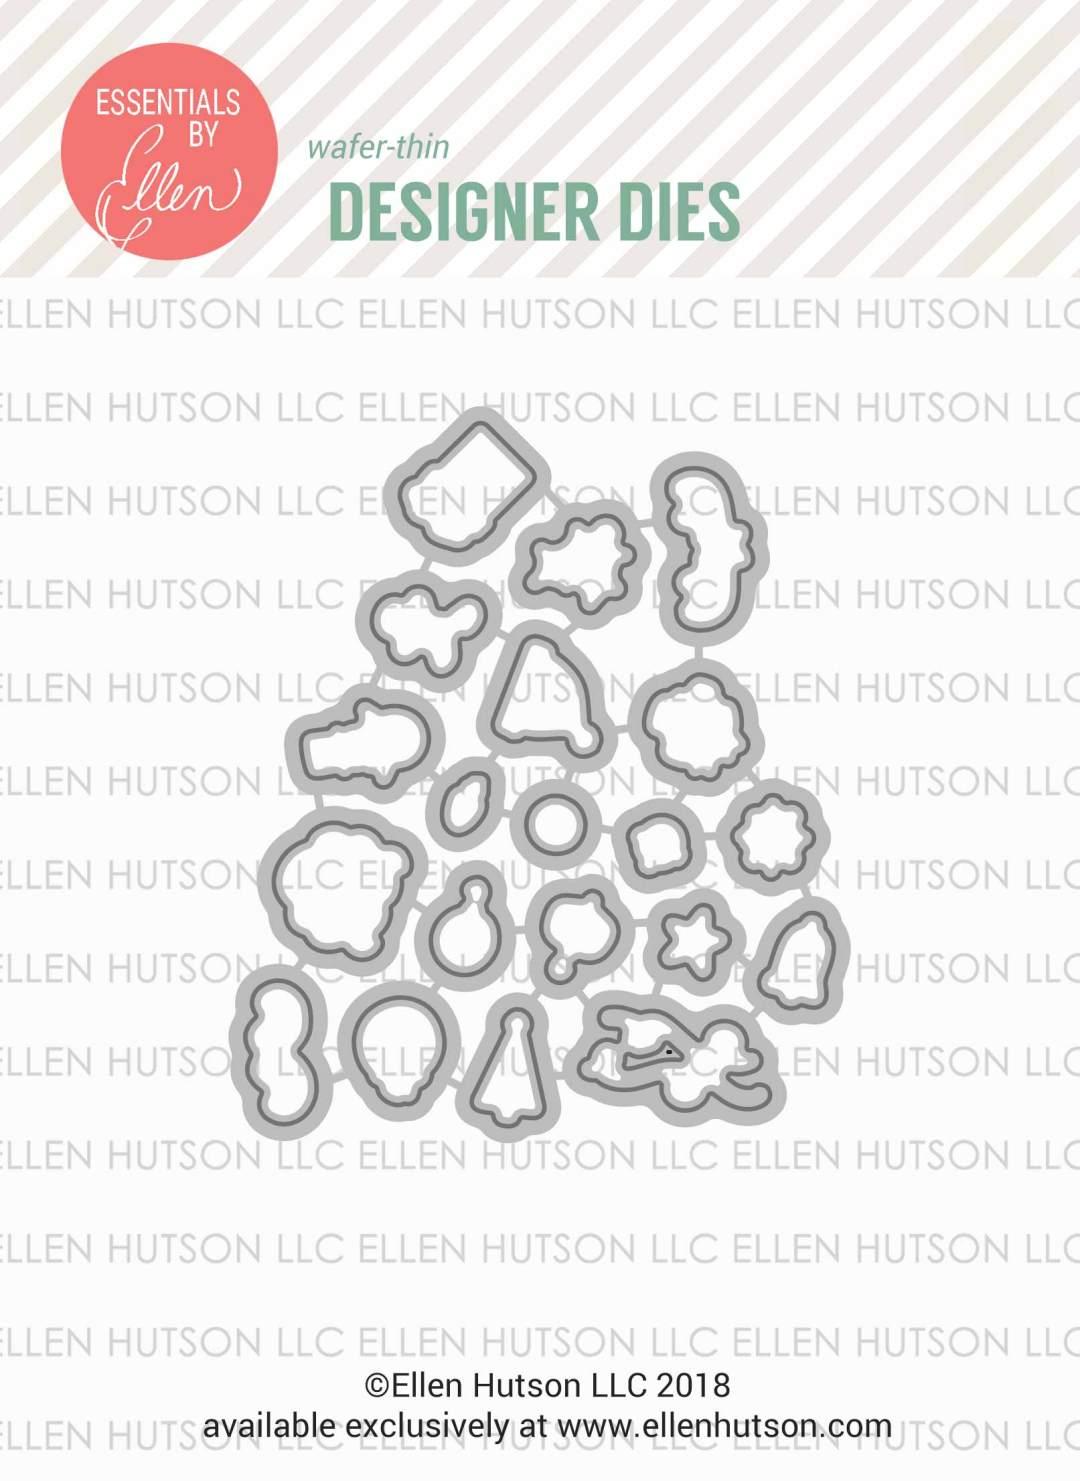 Essentials by Ellen Ugly Sweater Accessories dies